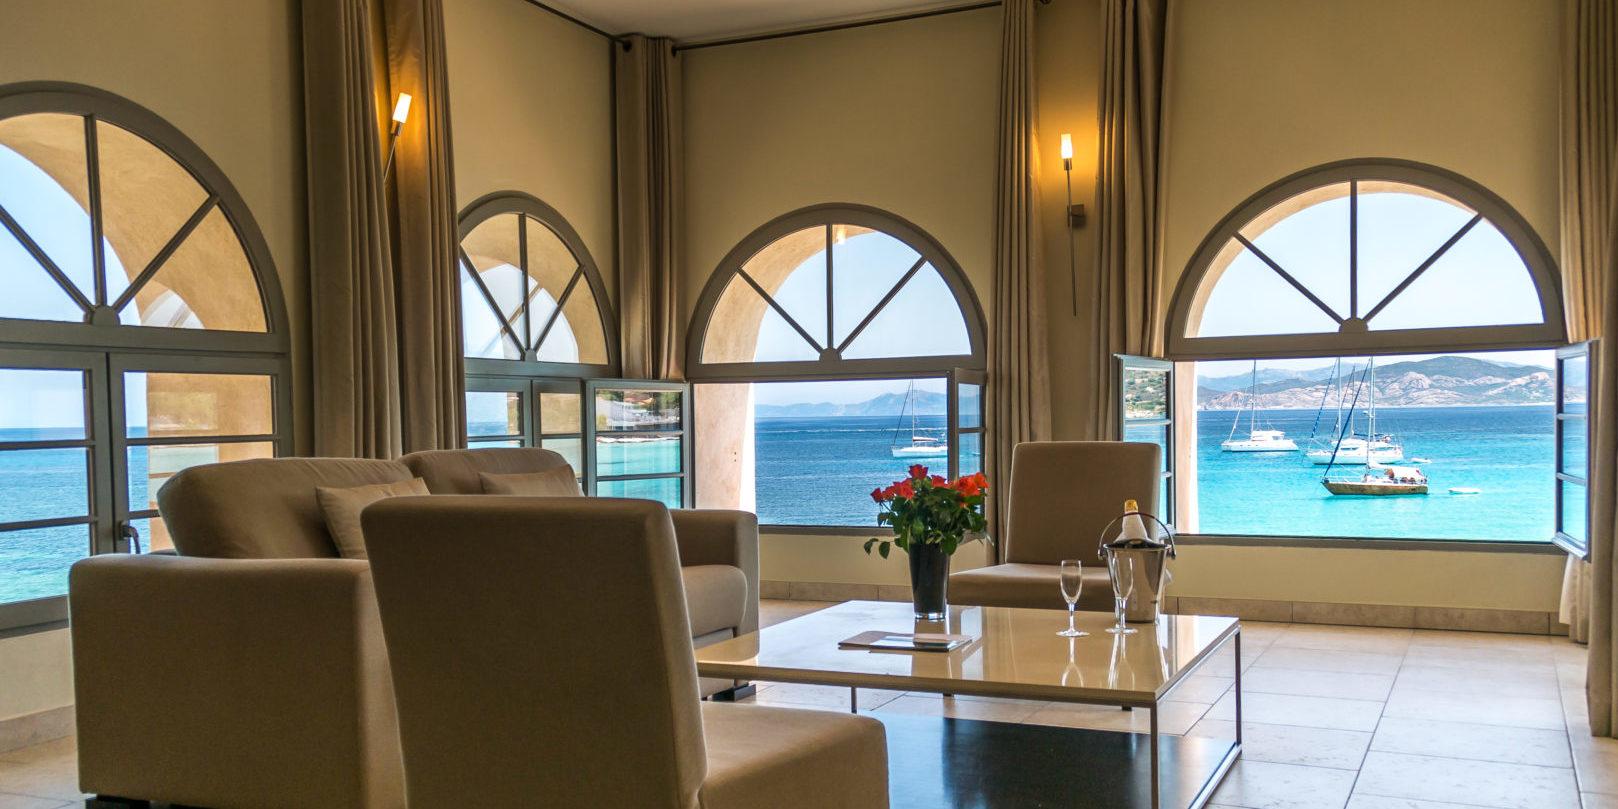 Hotel Perla Rossa Ile Rousse Corsica Frankrijk SkiMaquis OntdekCorsica salon lounge ramen zeezicht